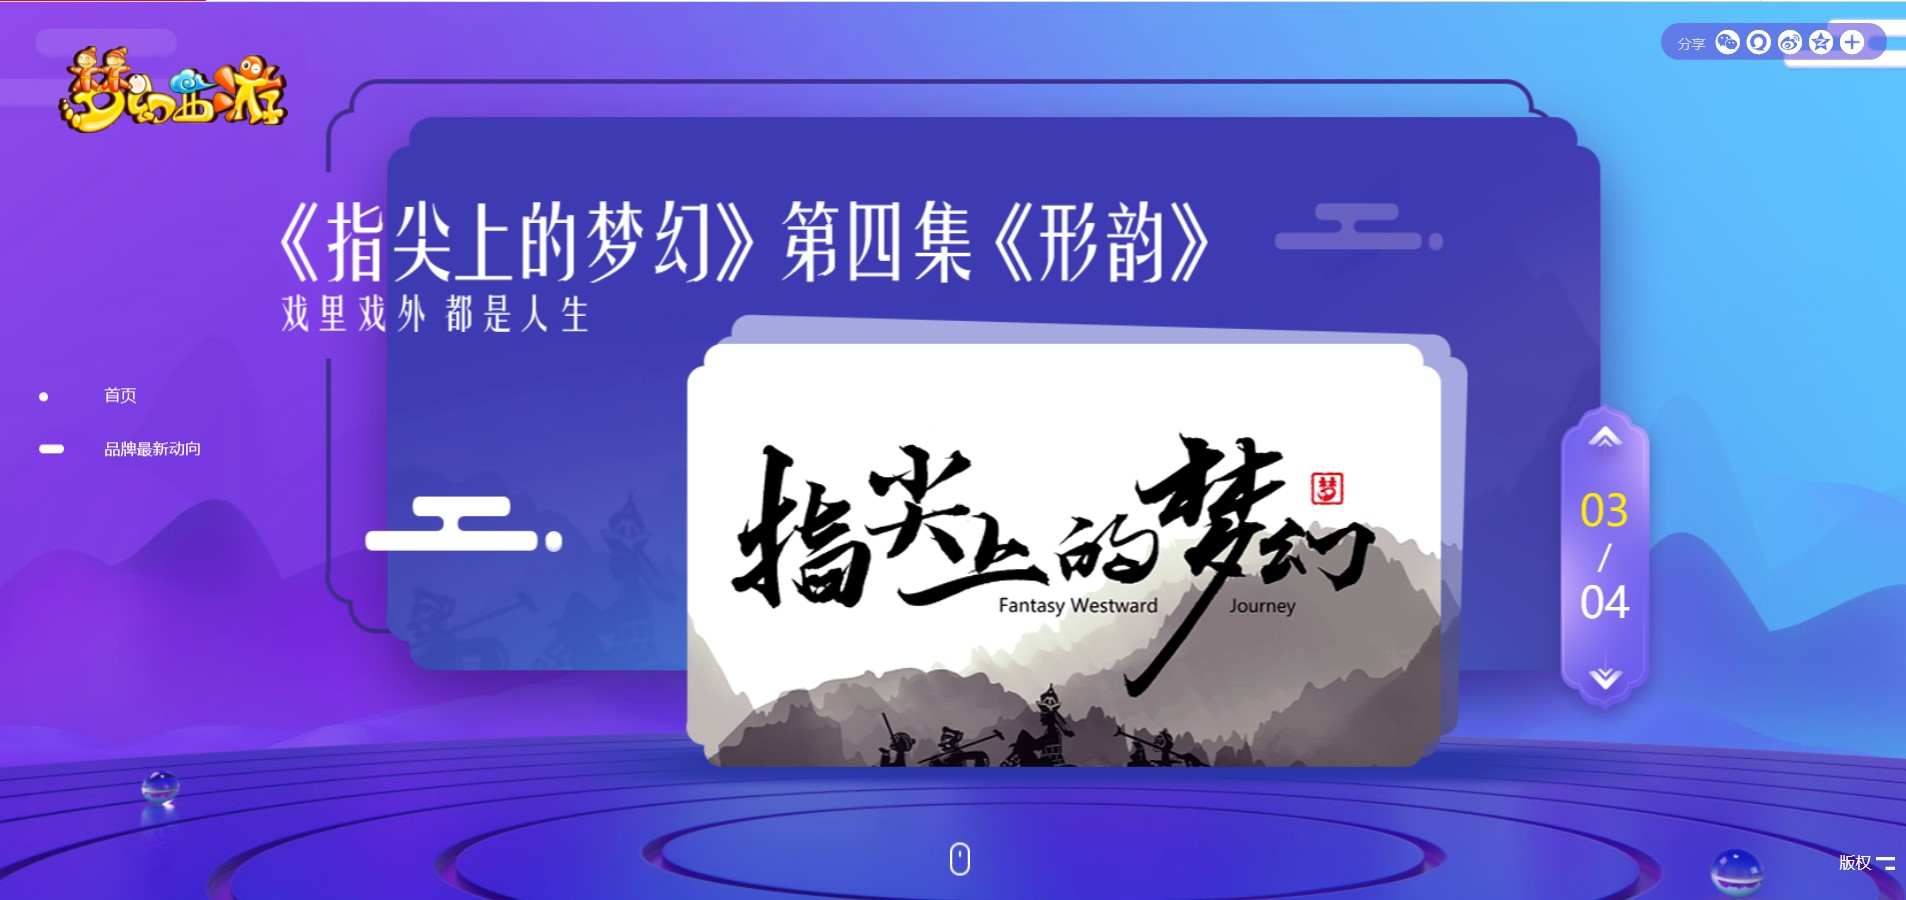 品牌最新动向,梦幻西游2019品牌发布会预告